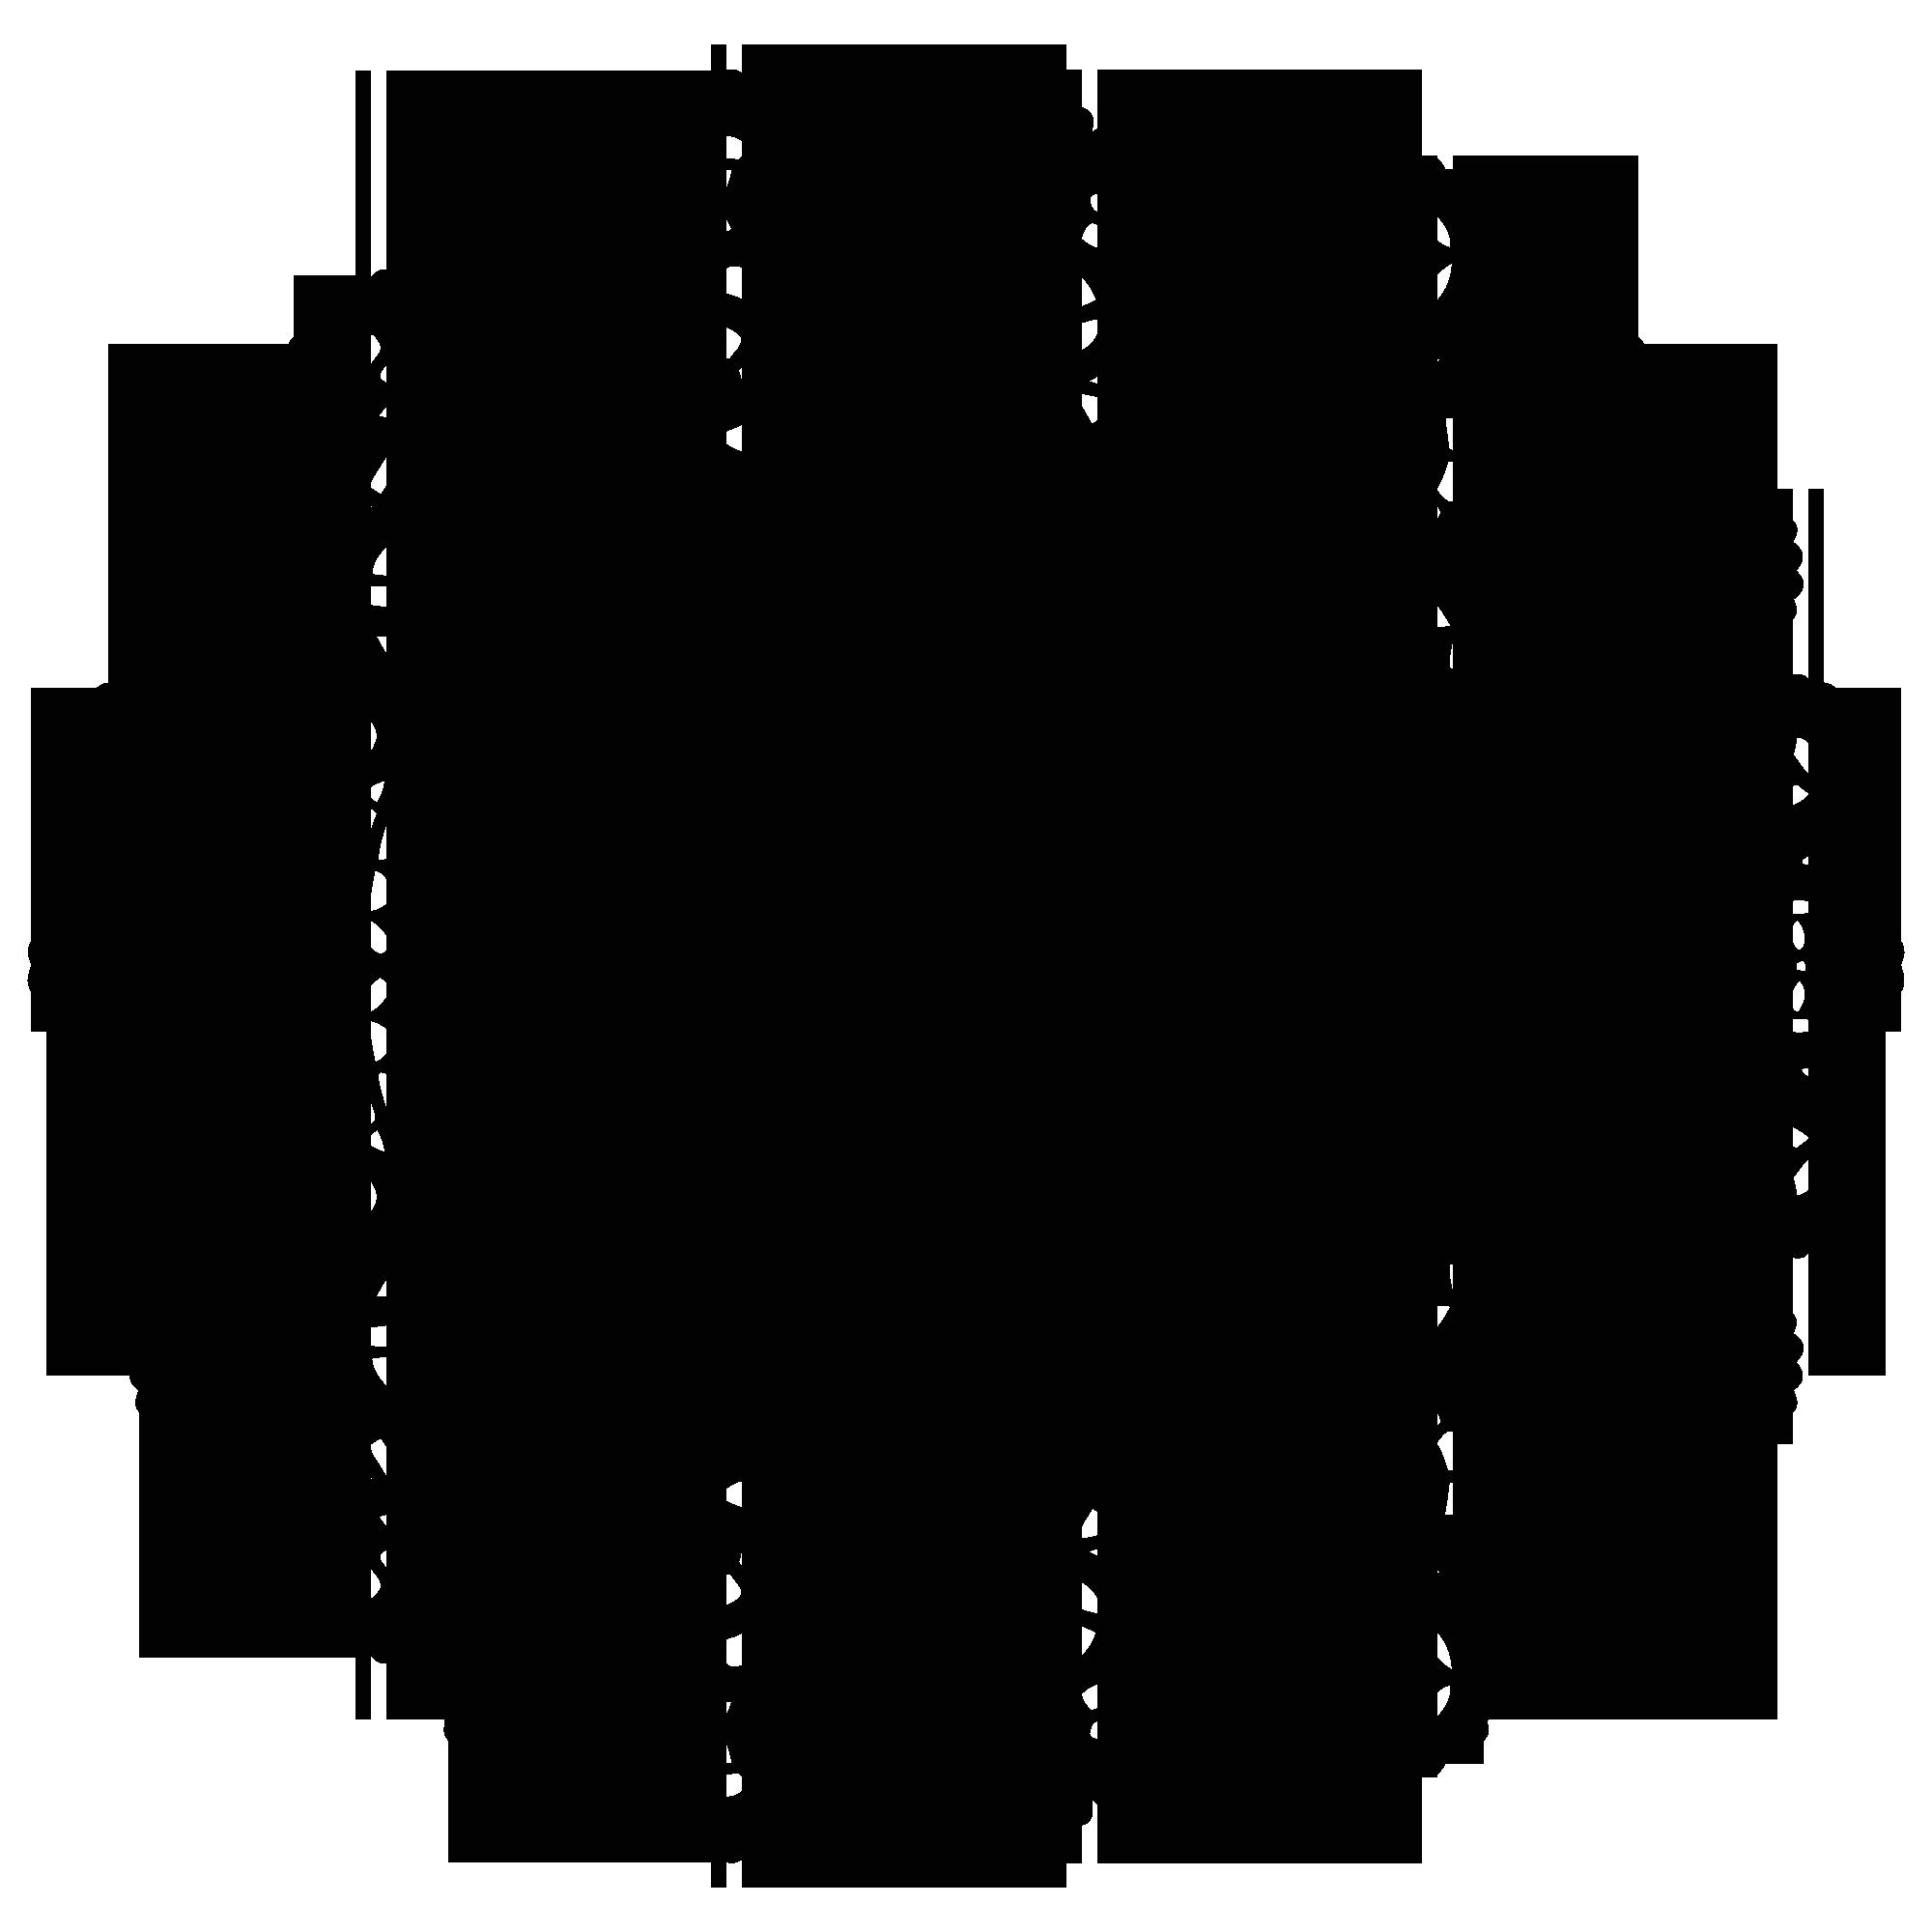 ماسكات للفوتوشوب أقنعه للتصميم دانتيل اطارات أشكال للفوتوشوب والتصميم Instagram Blog Background Images Wallpapers Paper Background Texture